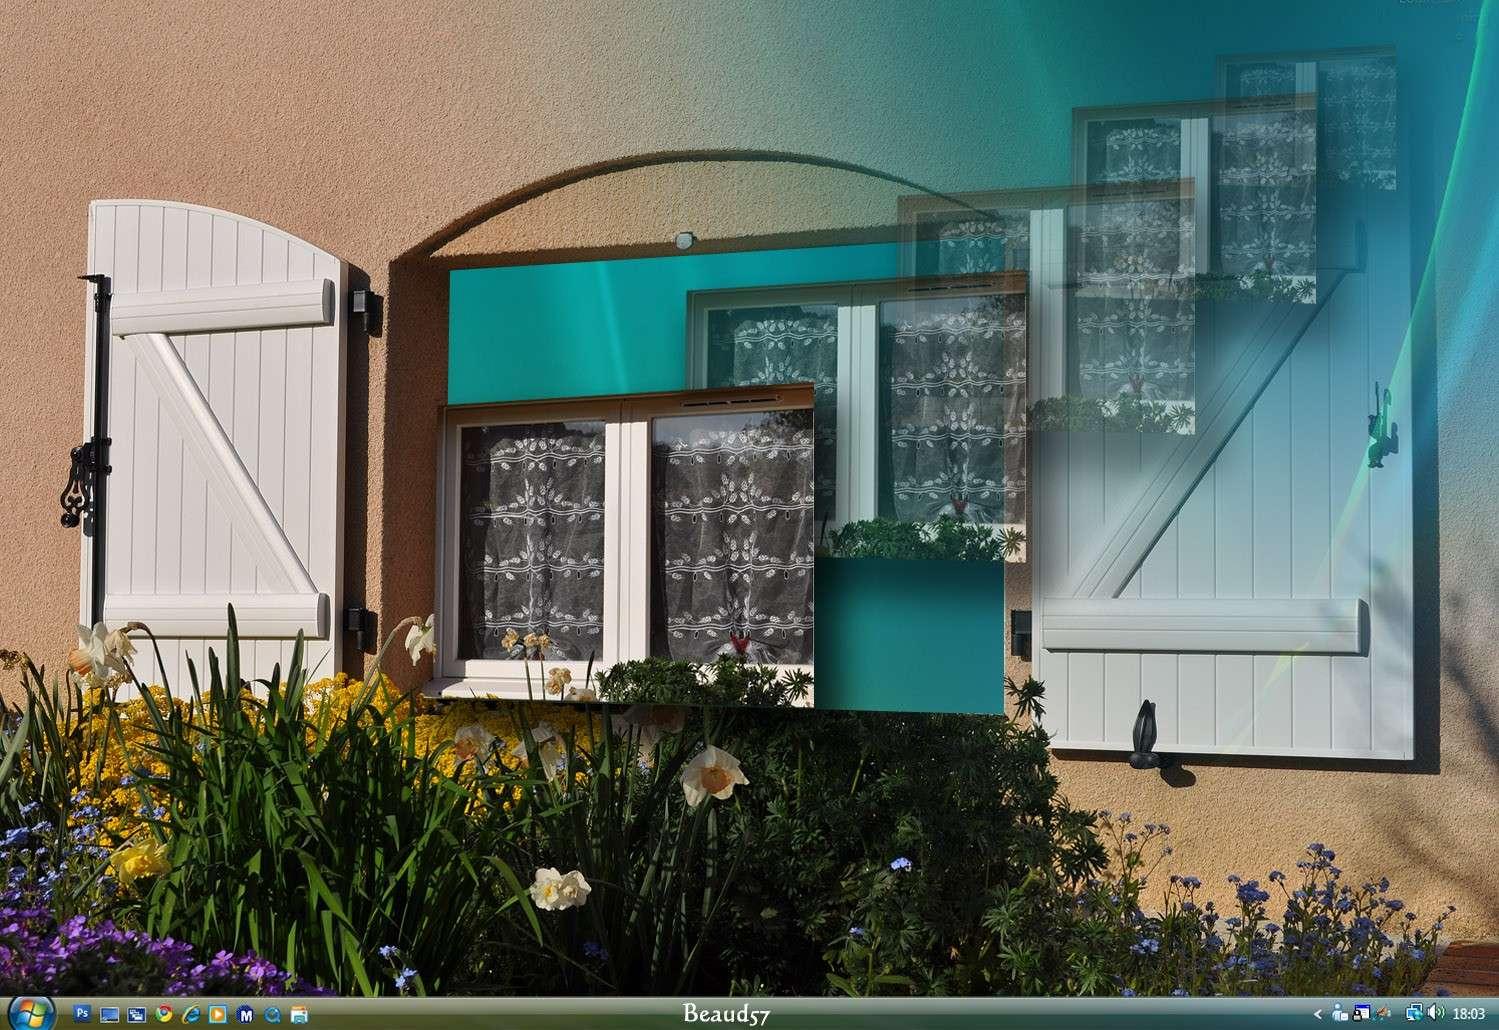 Concours du mois d'avril 2011. Thème : La fenêtre Fenatr10